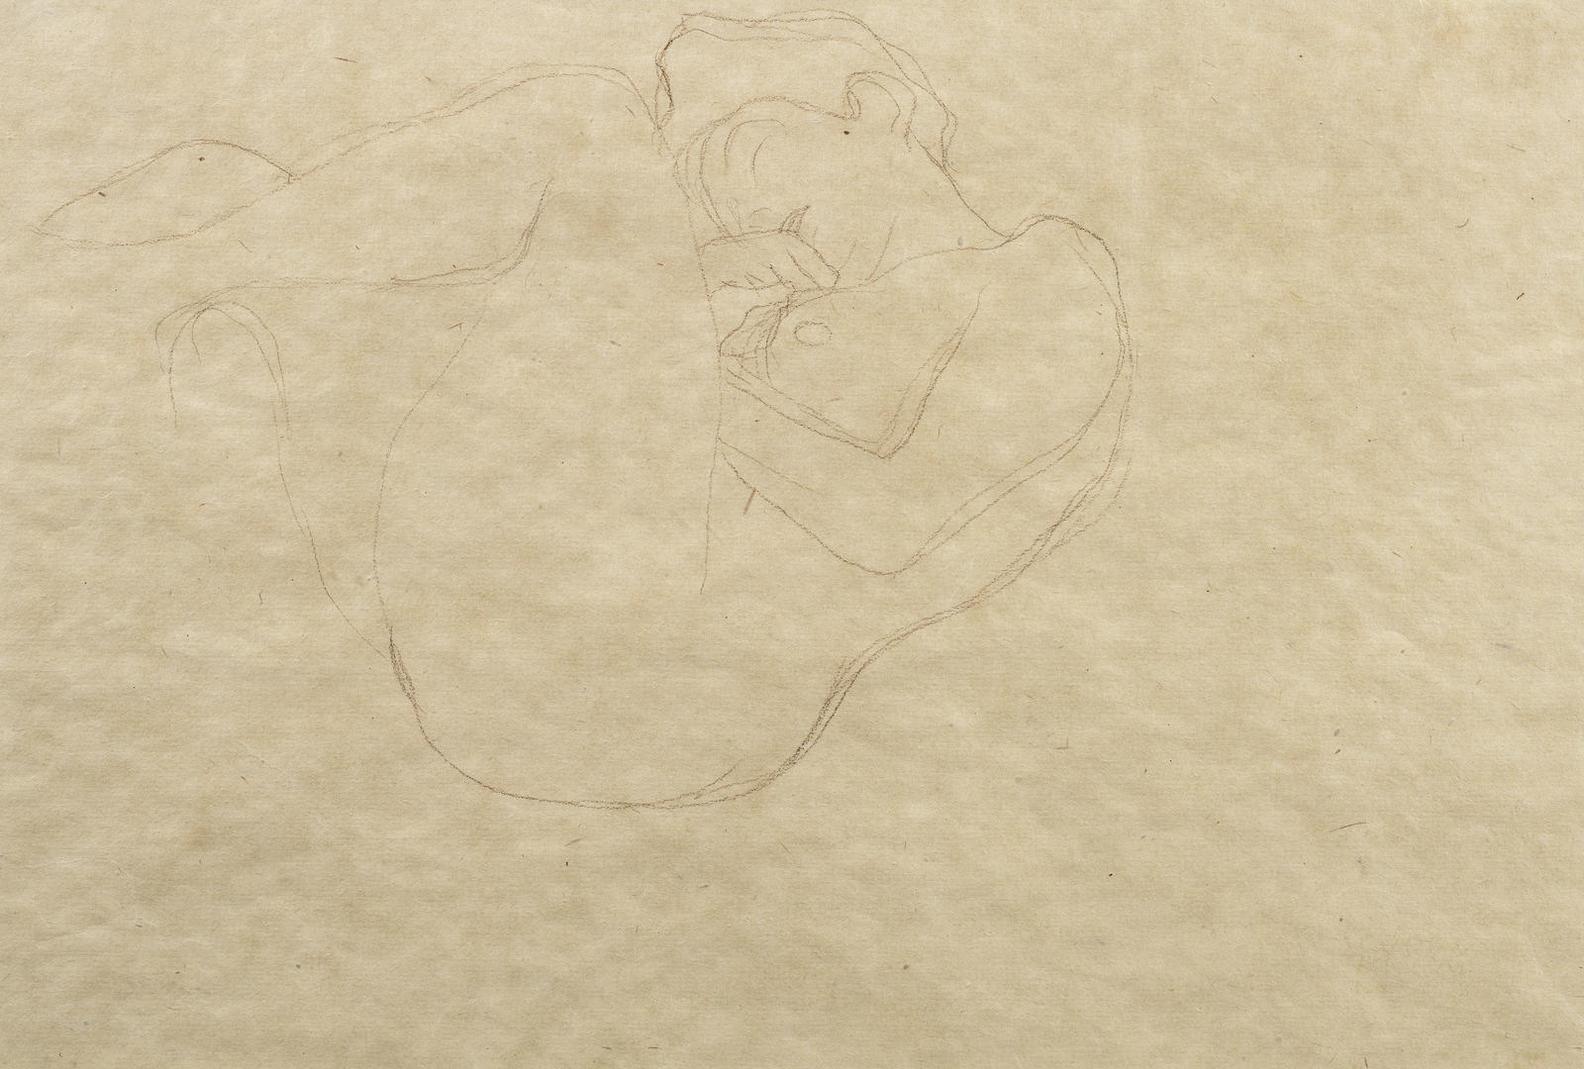 Gustav Klimt-Zuruckgelehnt Liegender Frauenakt Nach Links-1903